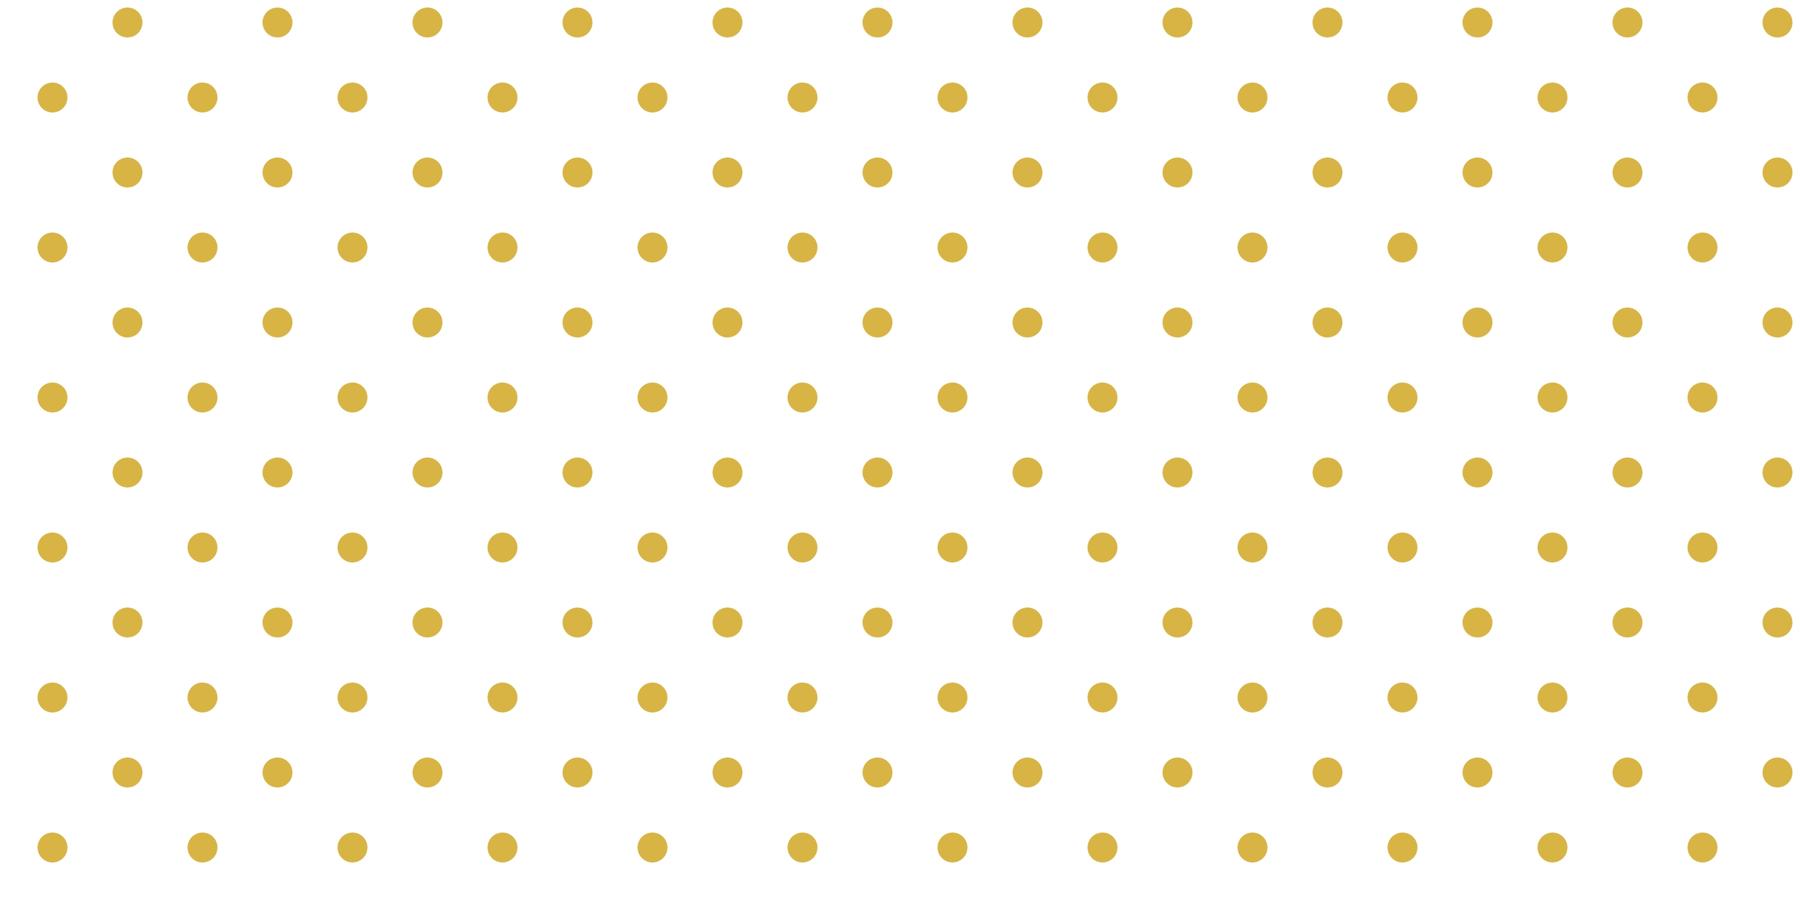 white gold spots photo - photo #17